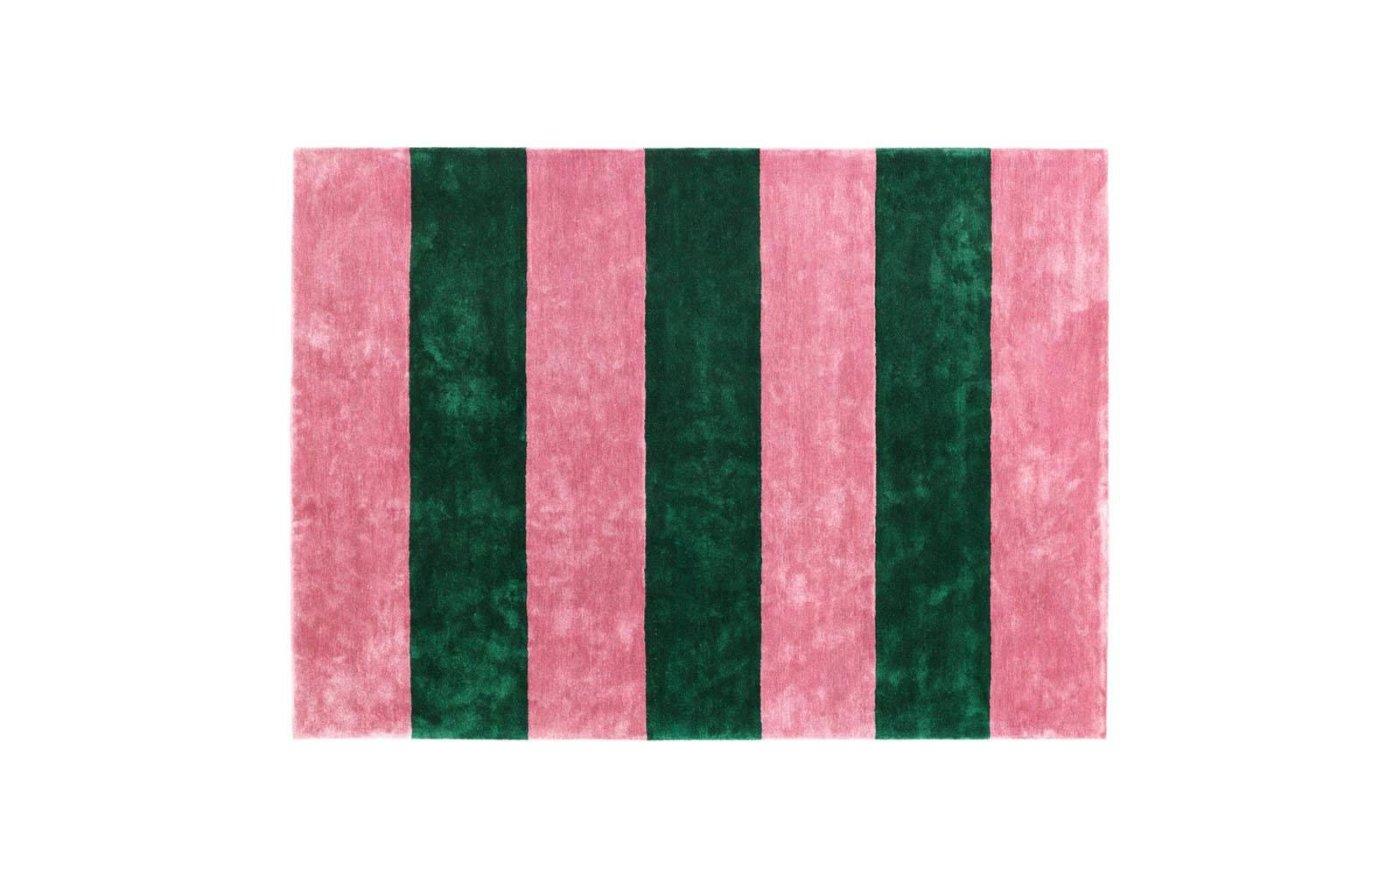 Pavilion-Carpet-200x280-normann-copenhagen-Powder-Blush-Dark-green2